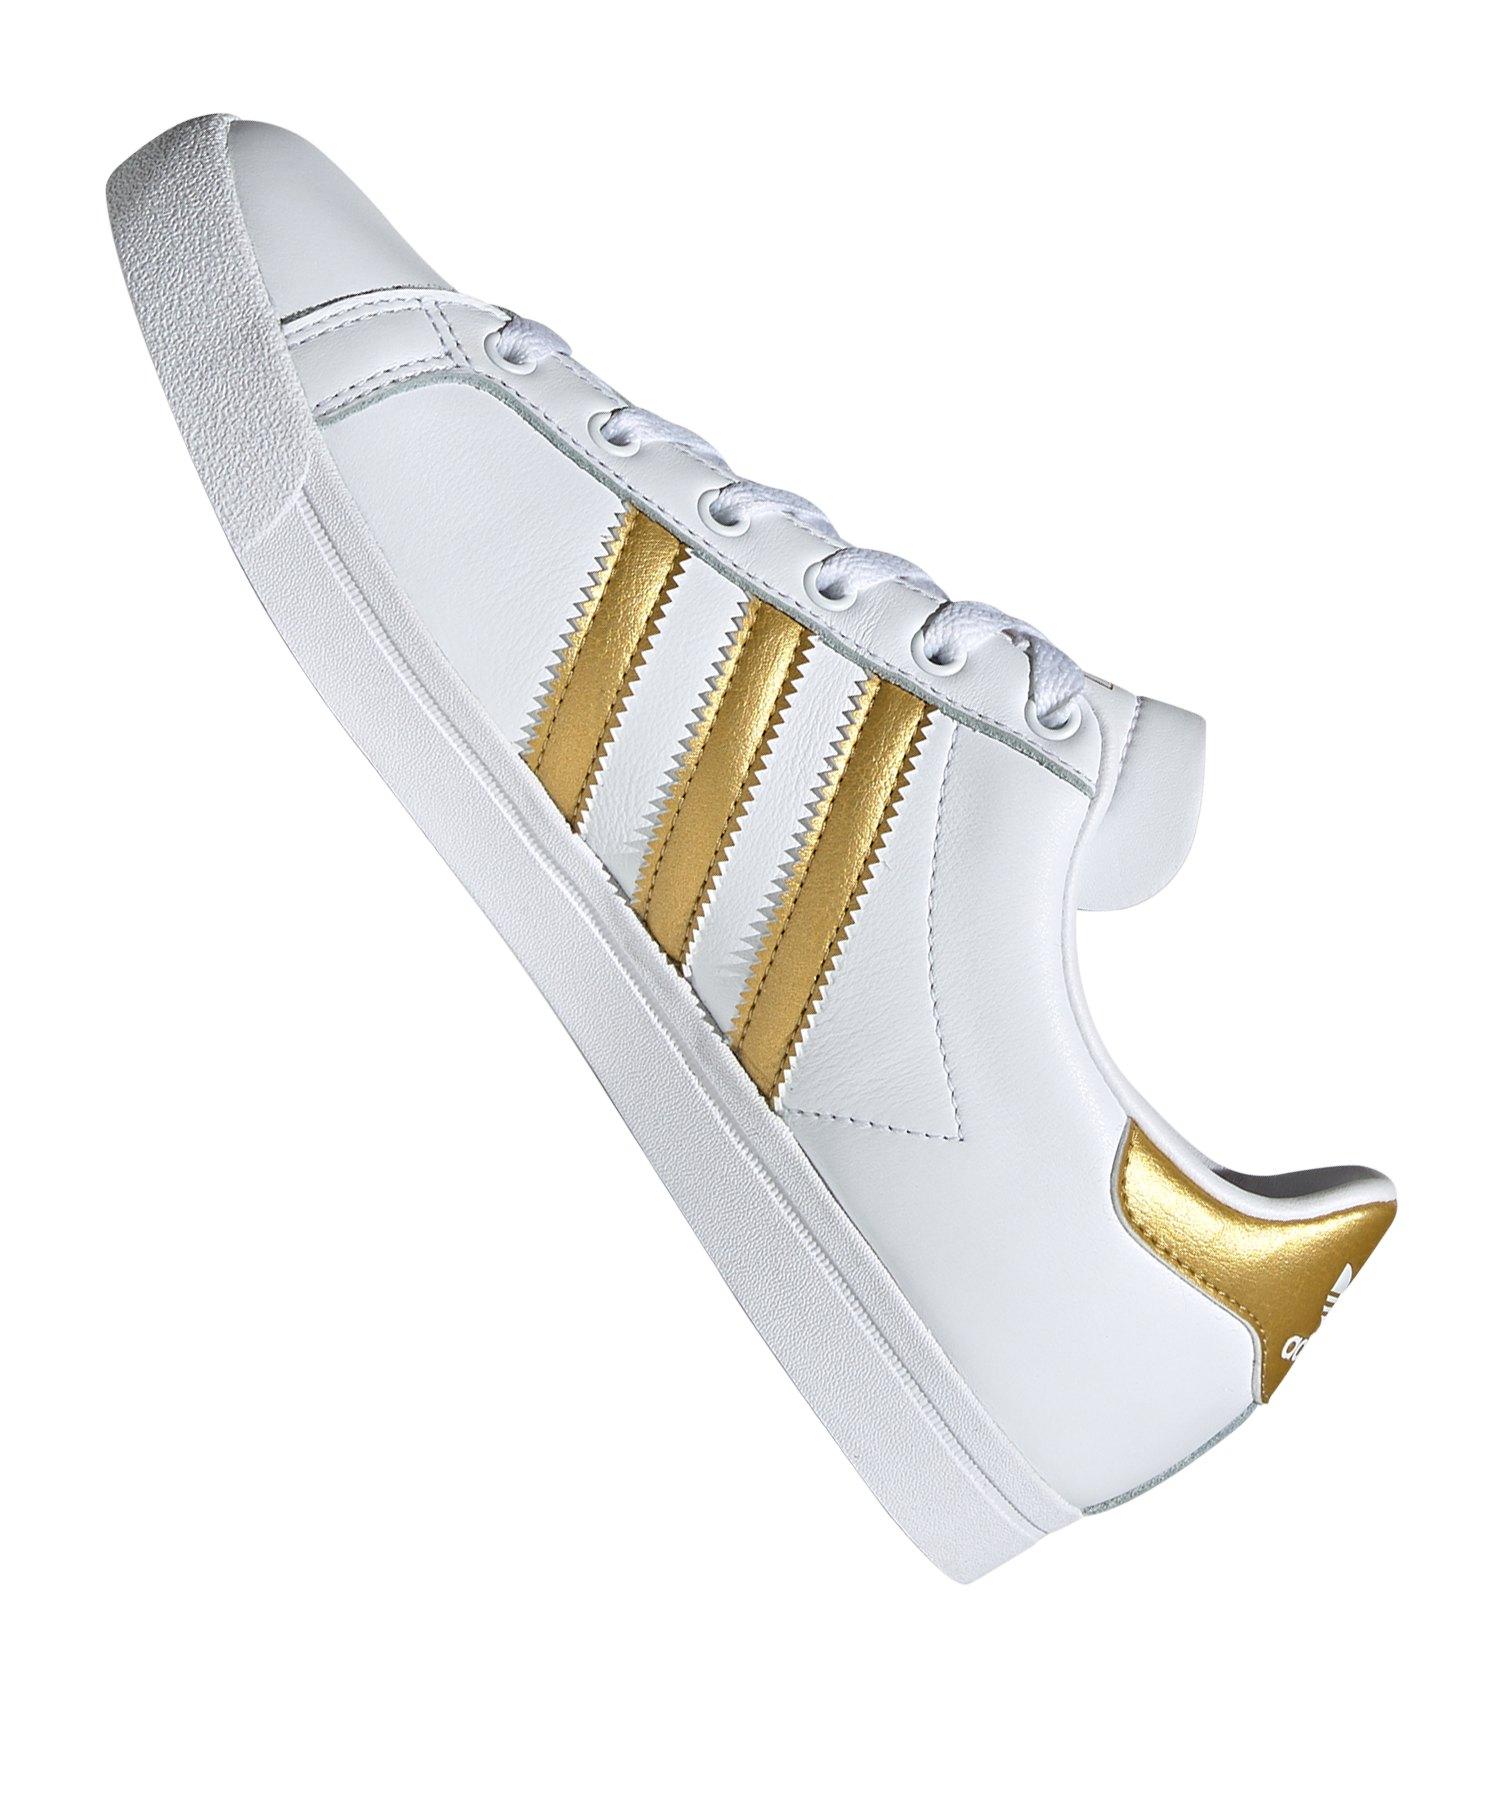 Originals Cs Damen Sneaker Adidas Weiss Gold JclFK13T